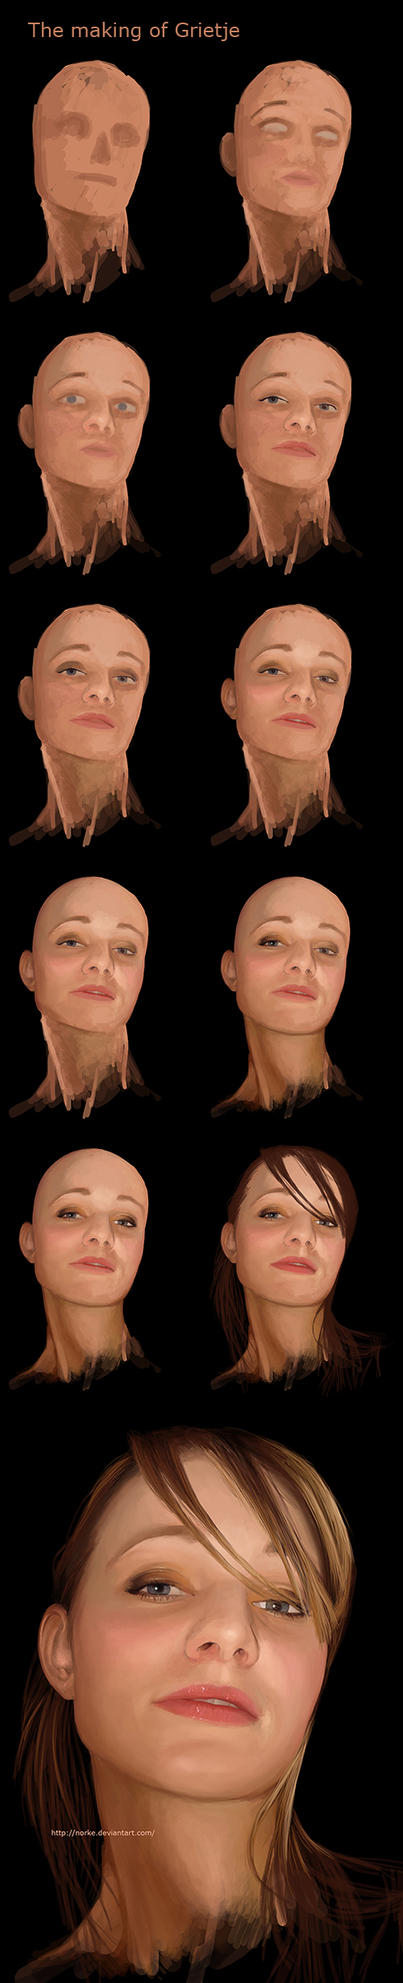 Grietje Portrait Walkthrough.. by Norke